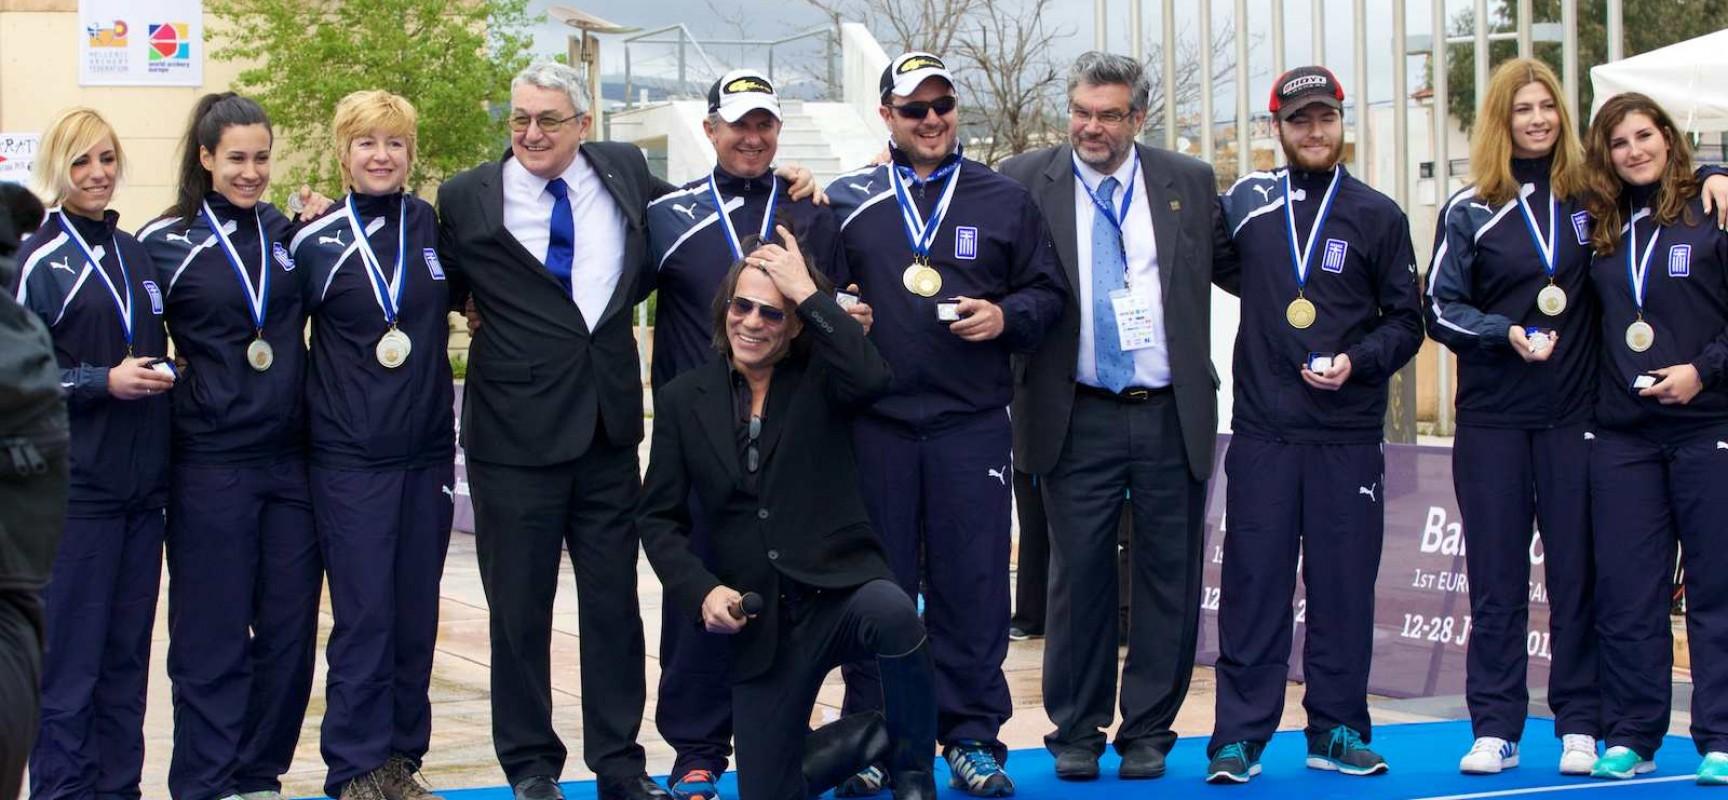 Τελική κατάταξη των αθλητών βάσει της Επετηρίδας Εθνικών Ομάδων σχετικά με τον αγώνα WORLD CUP Stage2 που θα διεξαχθεί στην Αττάλεια της Τουρκίας από 26-30/05/15.